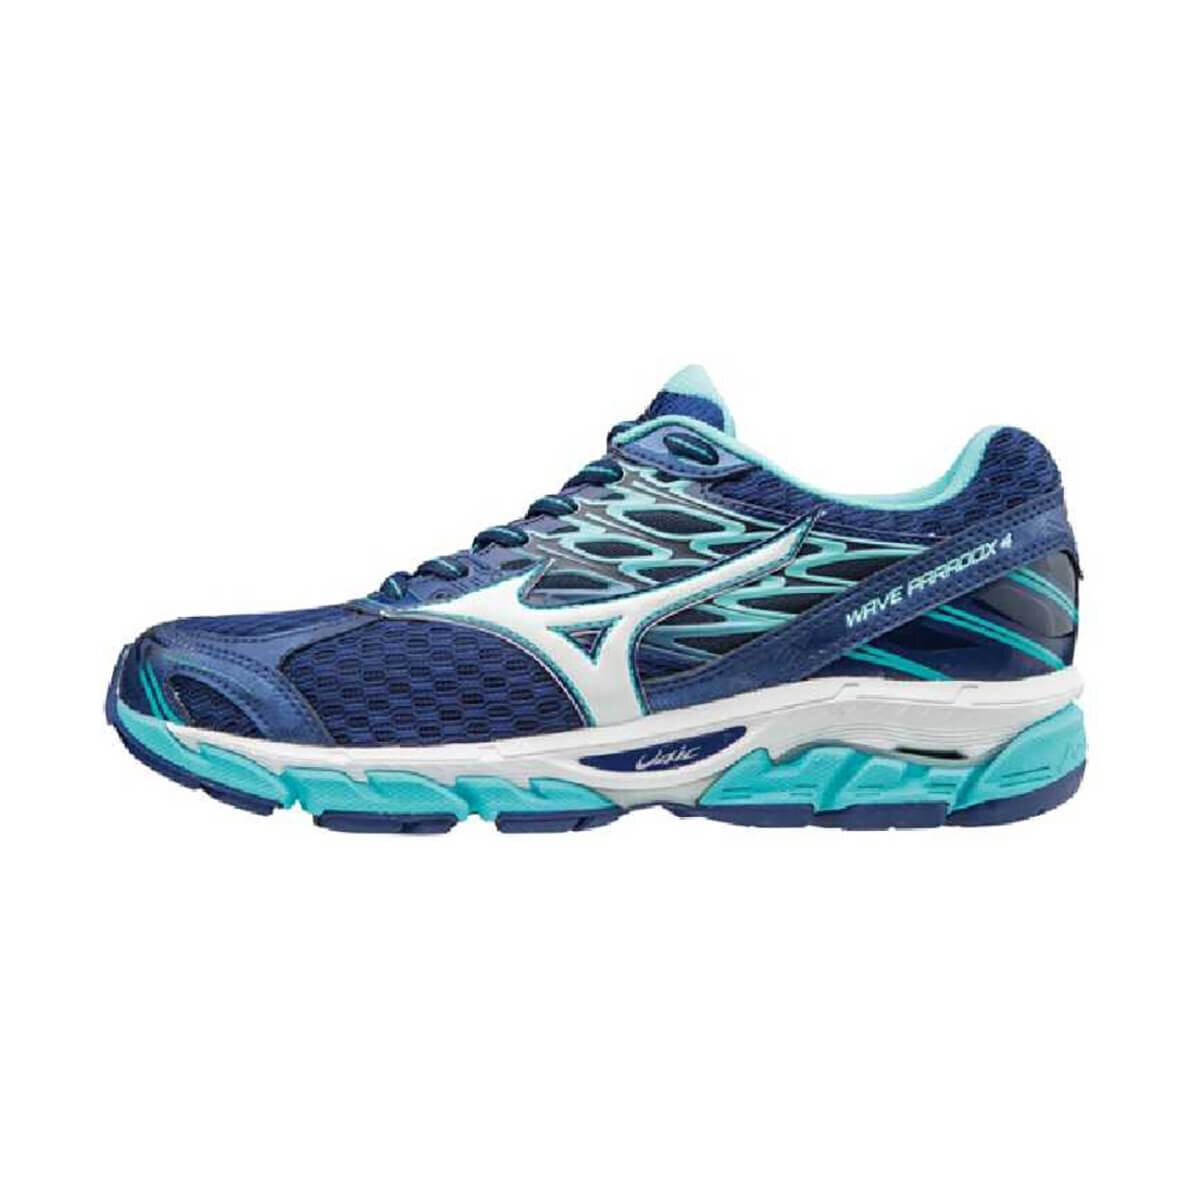 Lacivert Kadın Koşu Ayakkabısı J1GD17400174Z